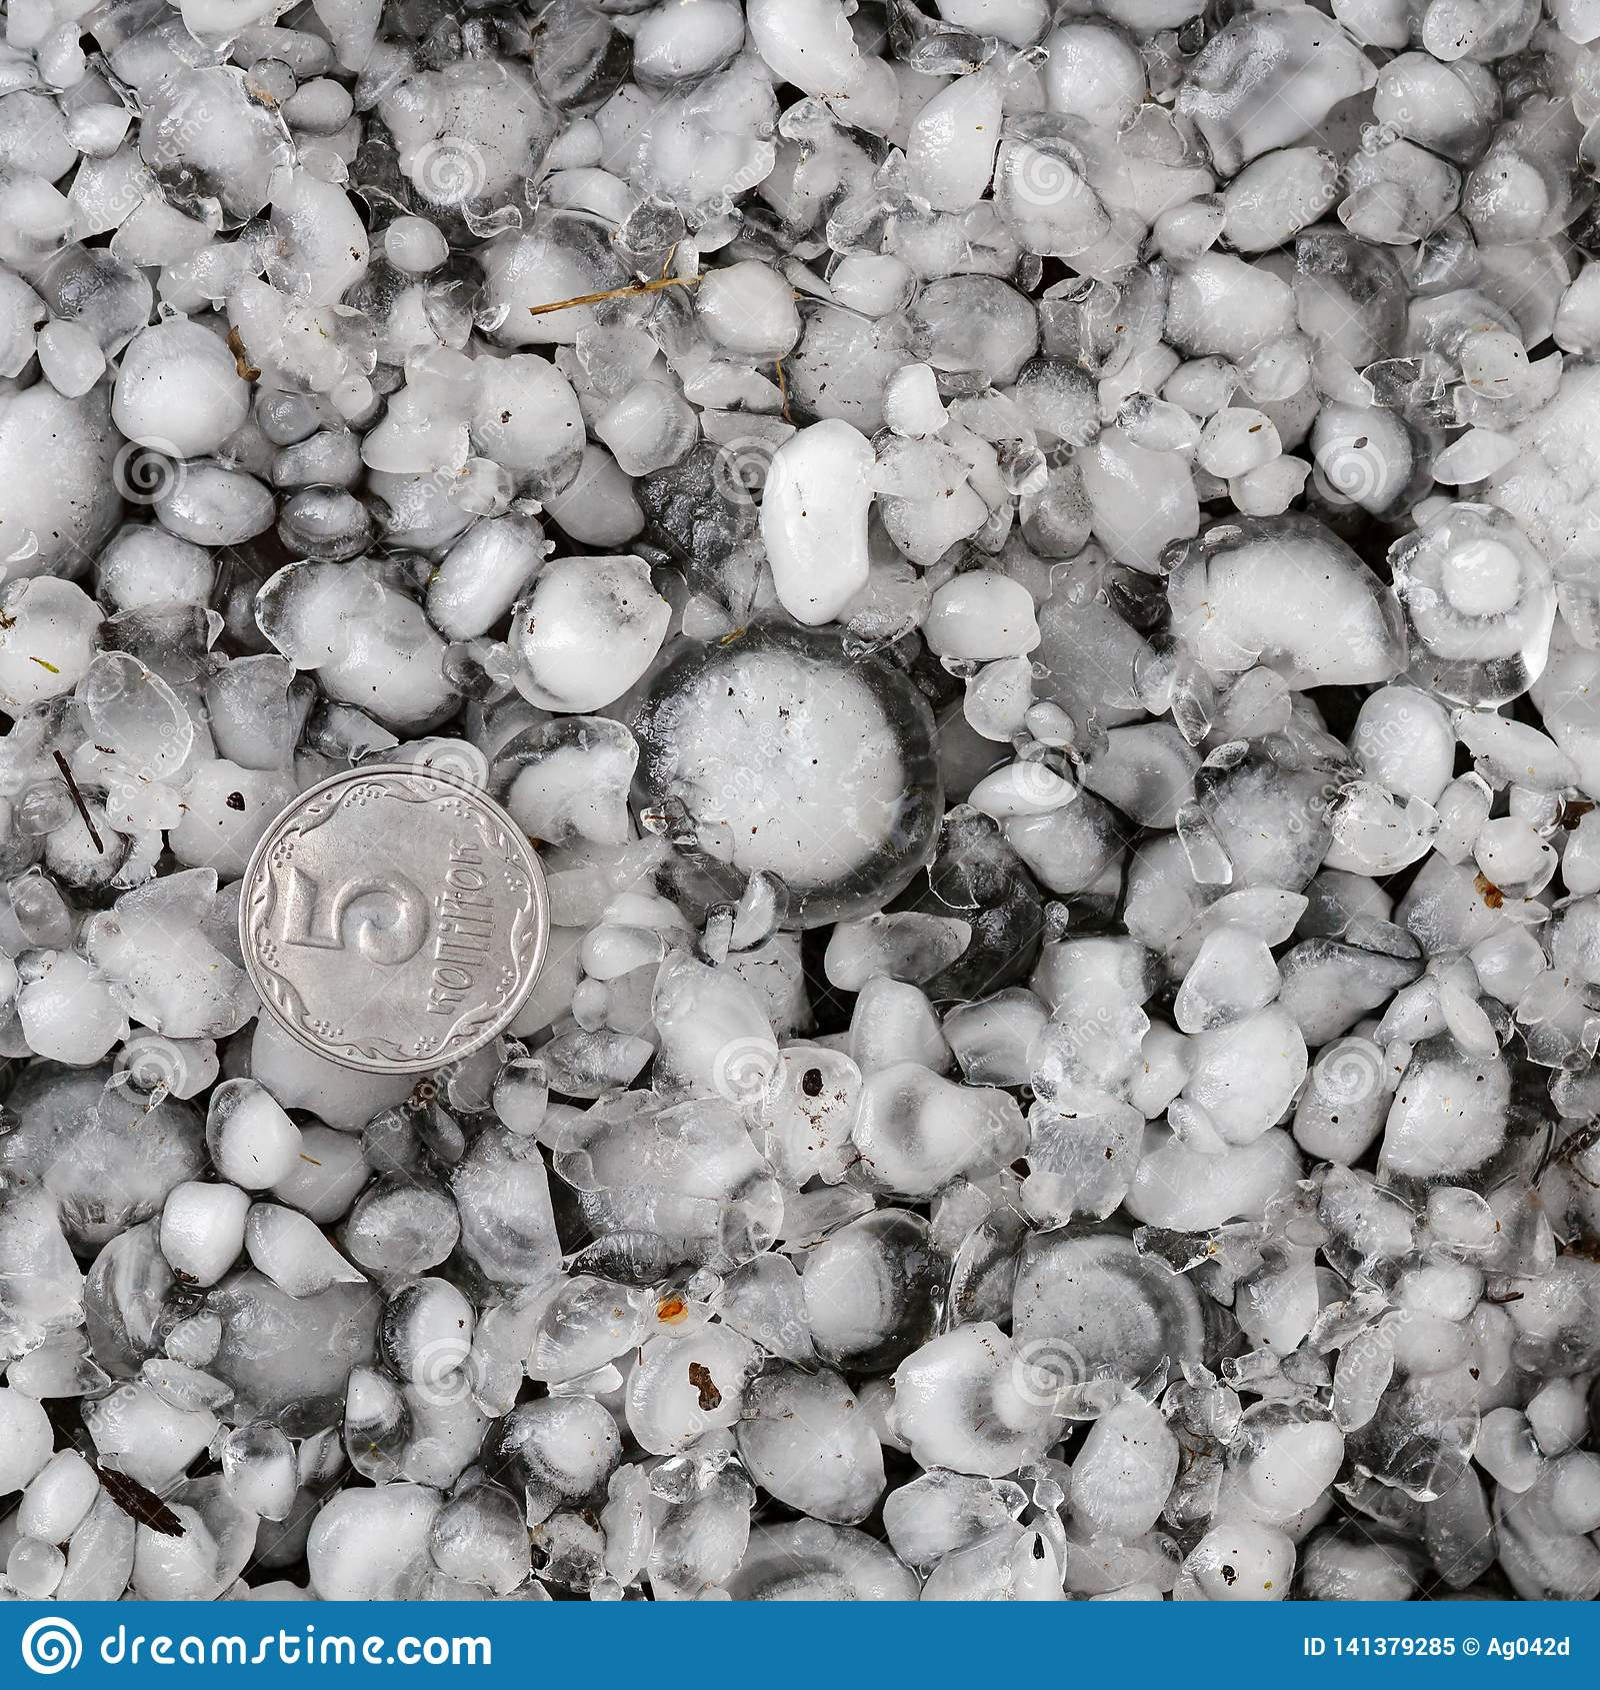 De hagelstenen ter plaatse na hagelbui, hagel van grote grootte, begroeten met maat met een groter muntstuk